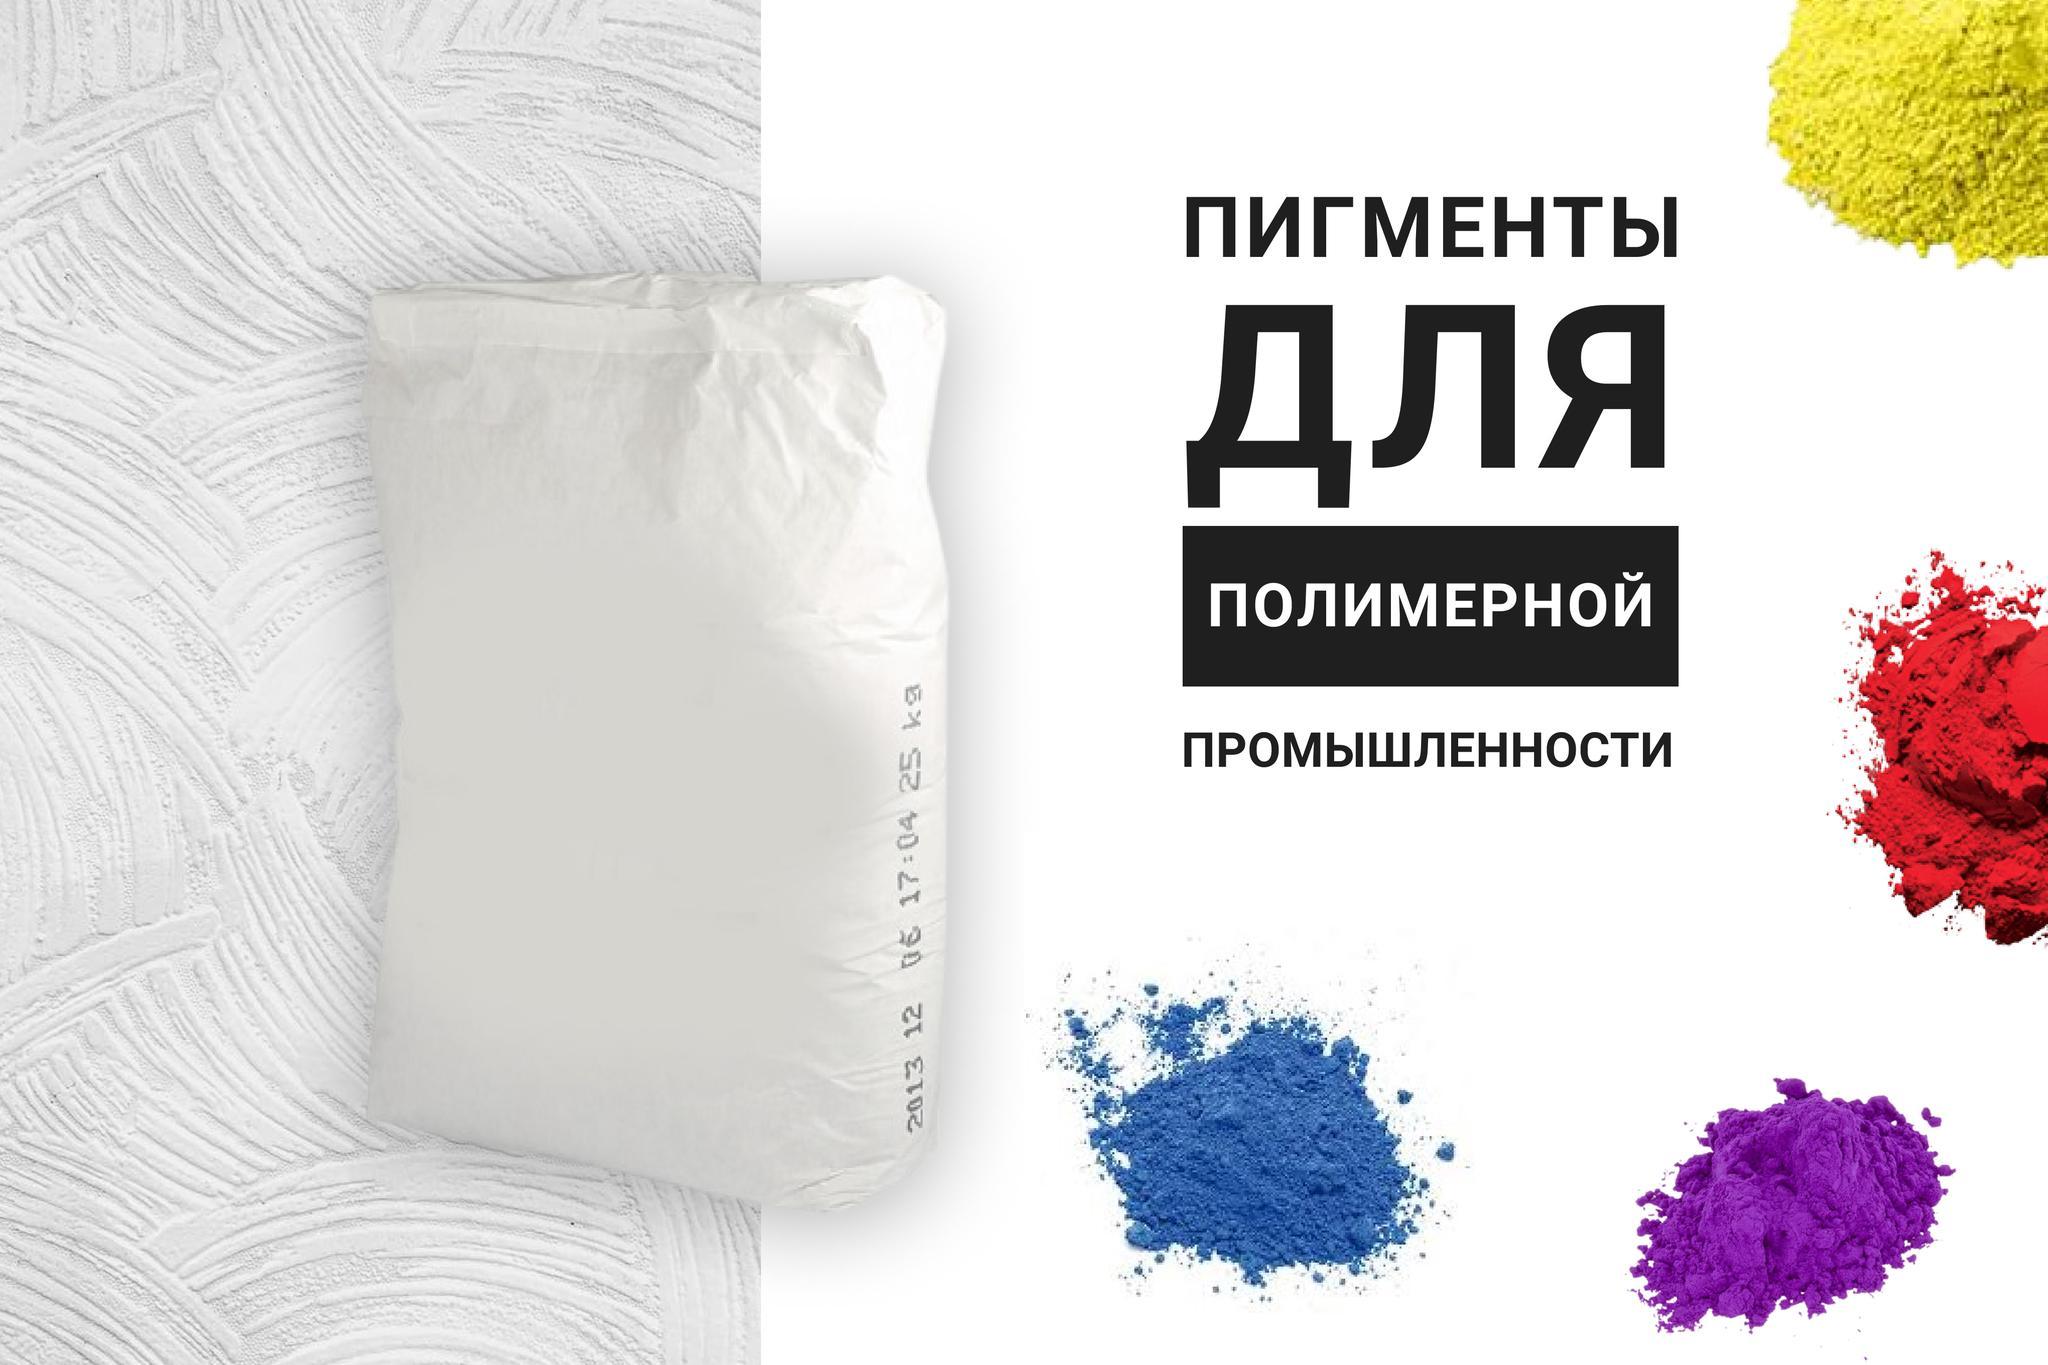 Фиолетовый бетон купить вакансии в москве алмазная резка бетона